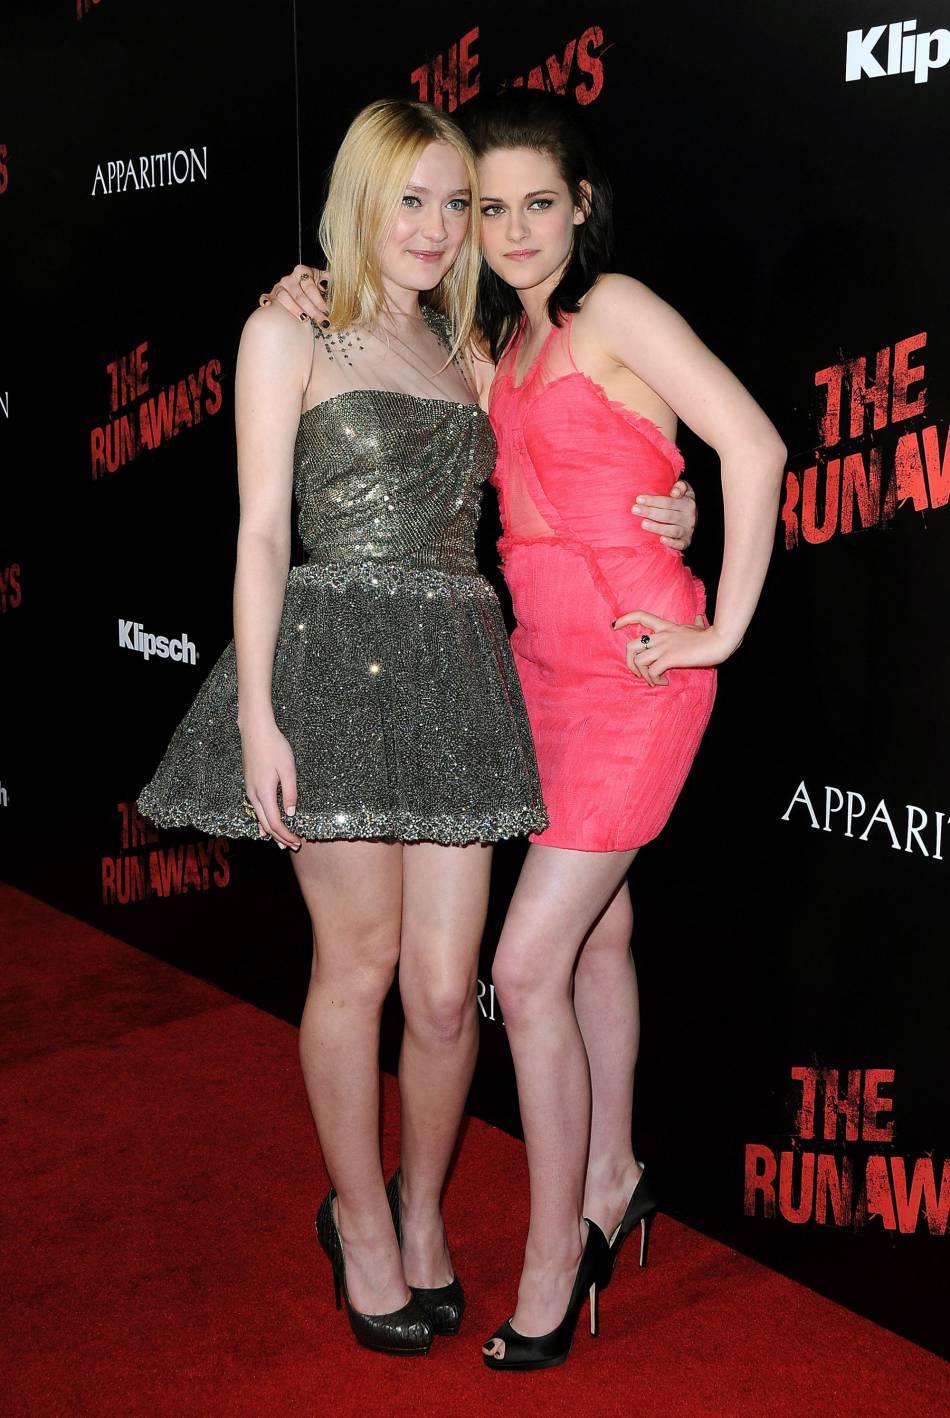 Kristen Stewart et Dakota Fanning: les deux actrices sont devenues inséparables, même sur le red carpet.